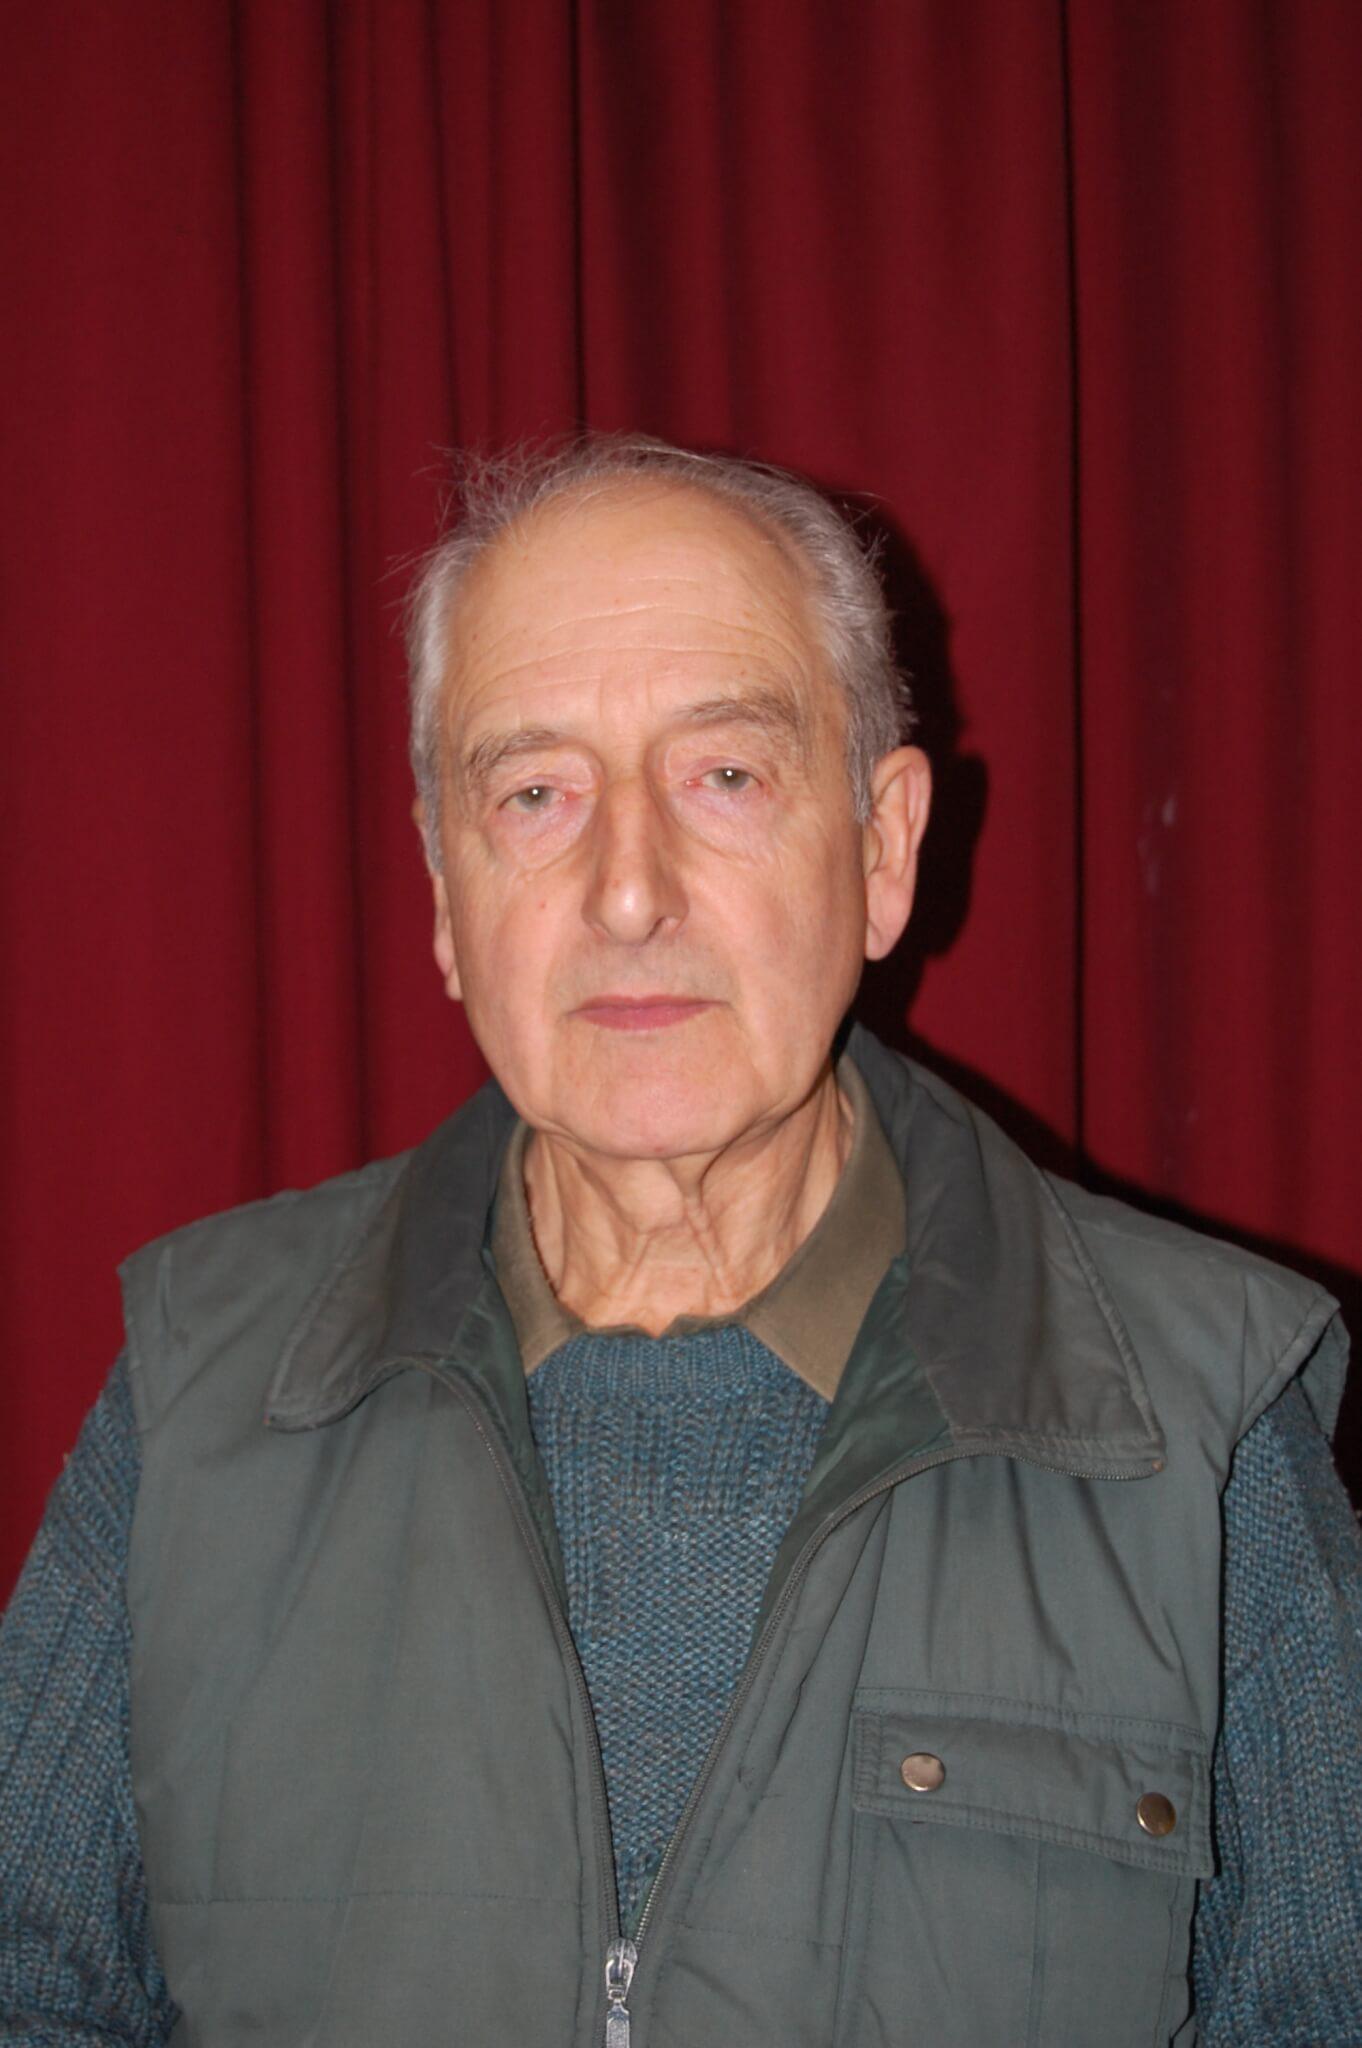 Peter Halter